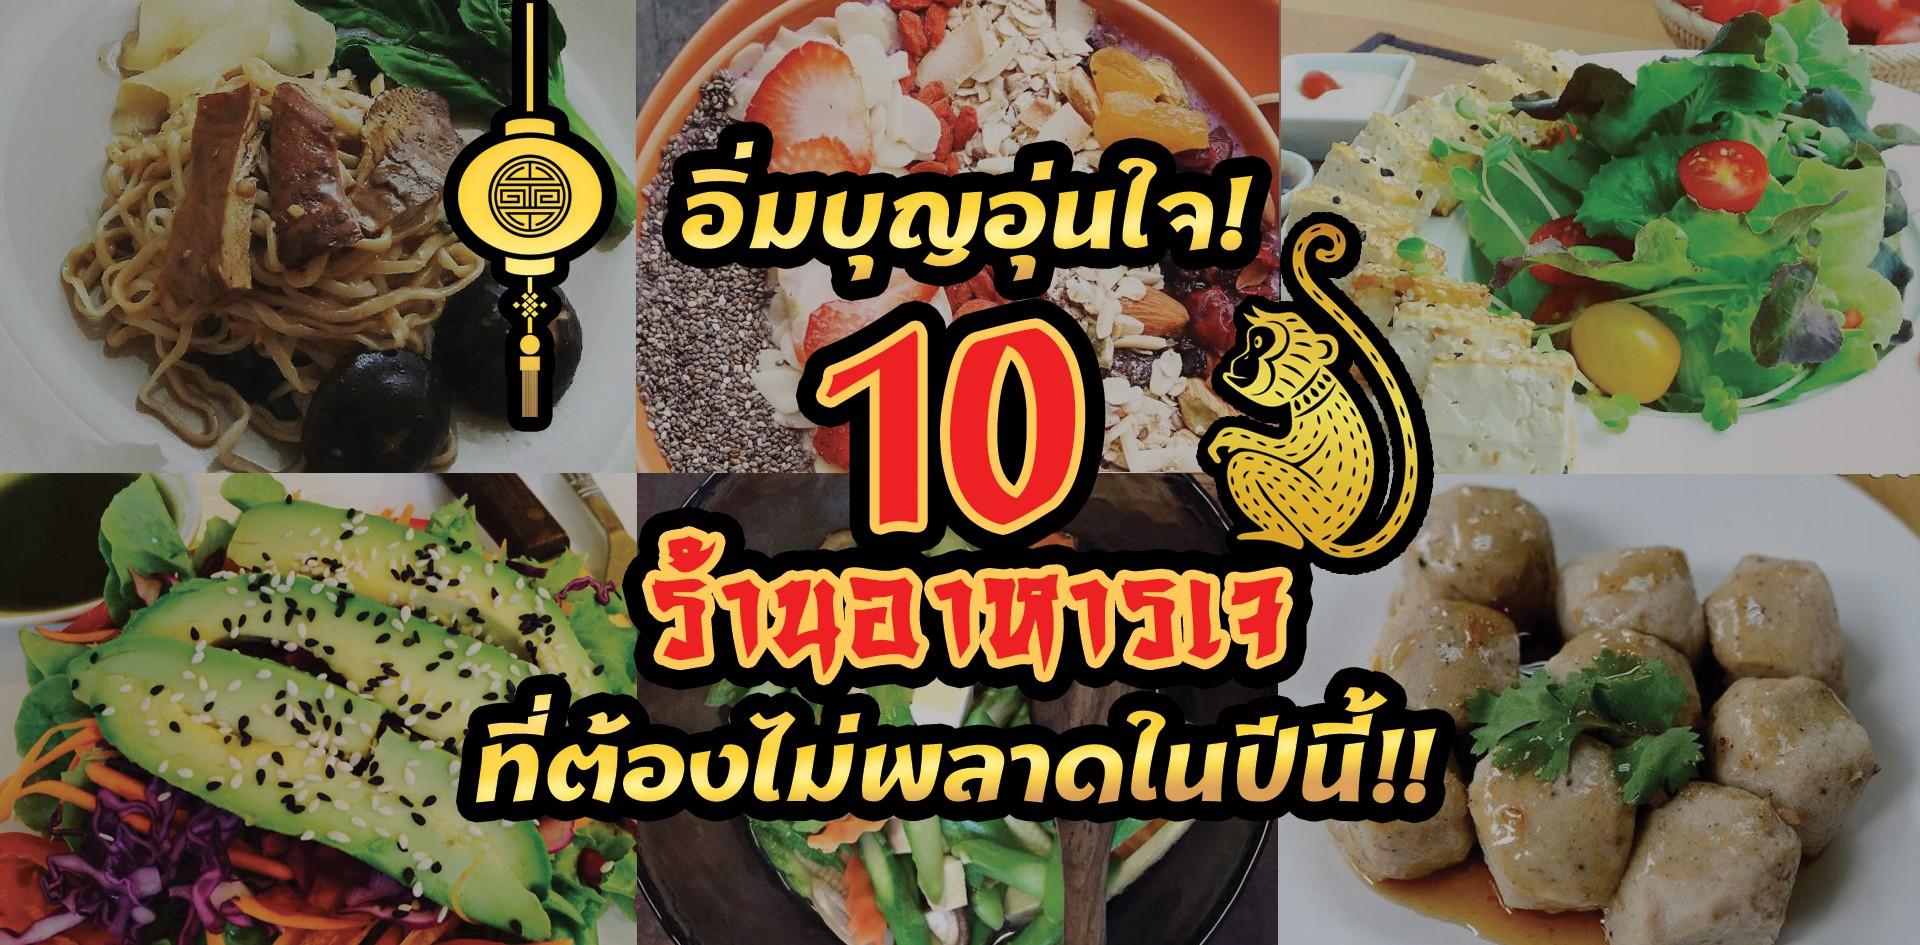 อิ่มหลักร้อย ได้บุญหลักล้าน! 10 ร้านอาหารเจที่ต้องไม่พลาดในปีนี้!!